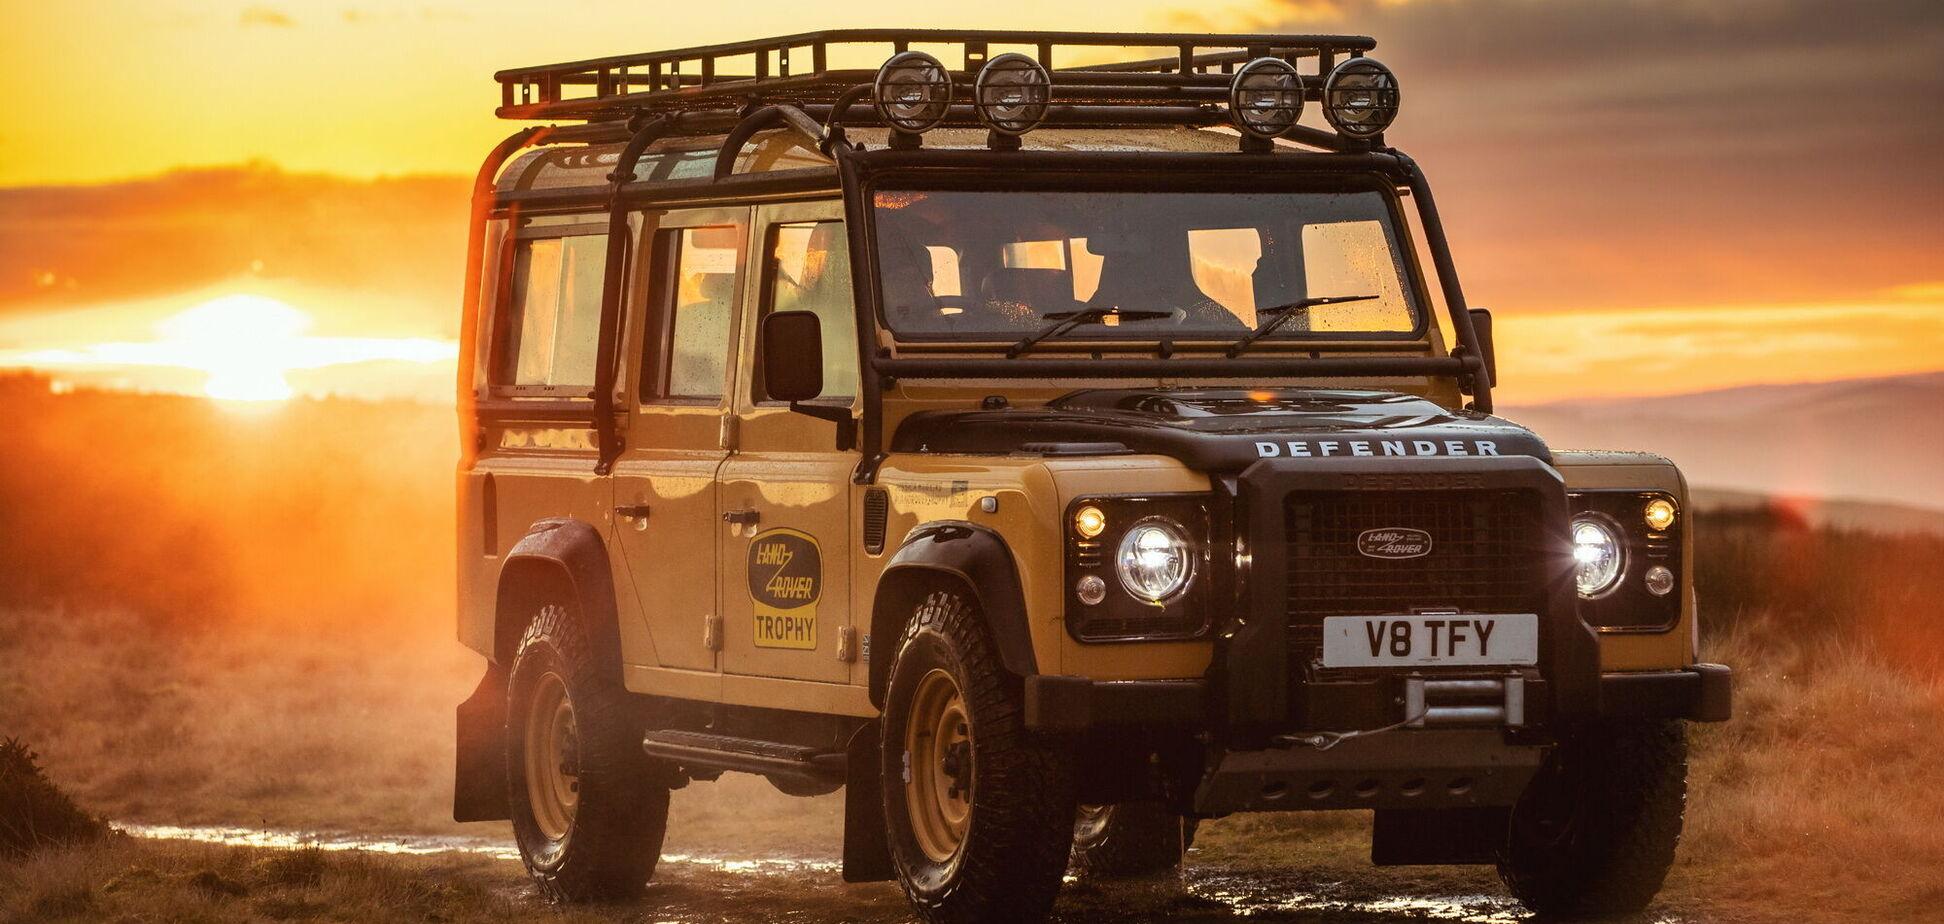 Land Rover випустить ексклюзивну серію Defender Works V8 Trophy